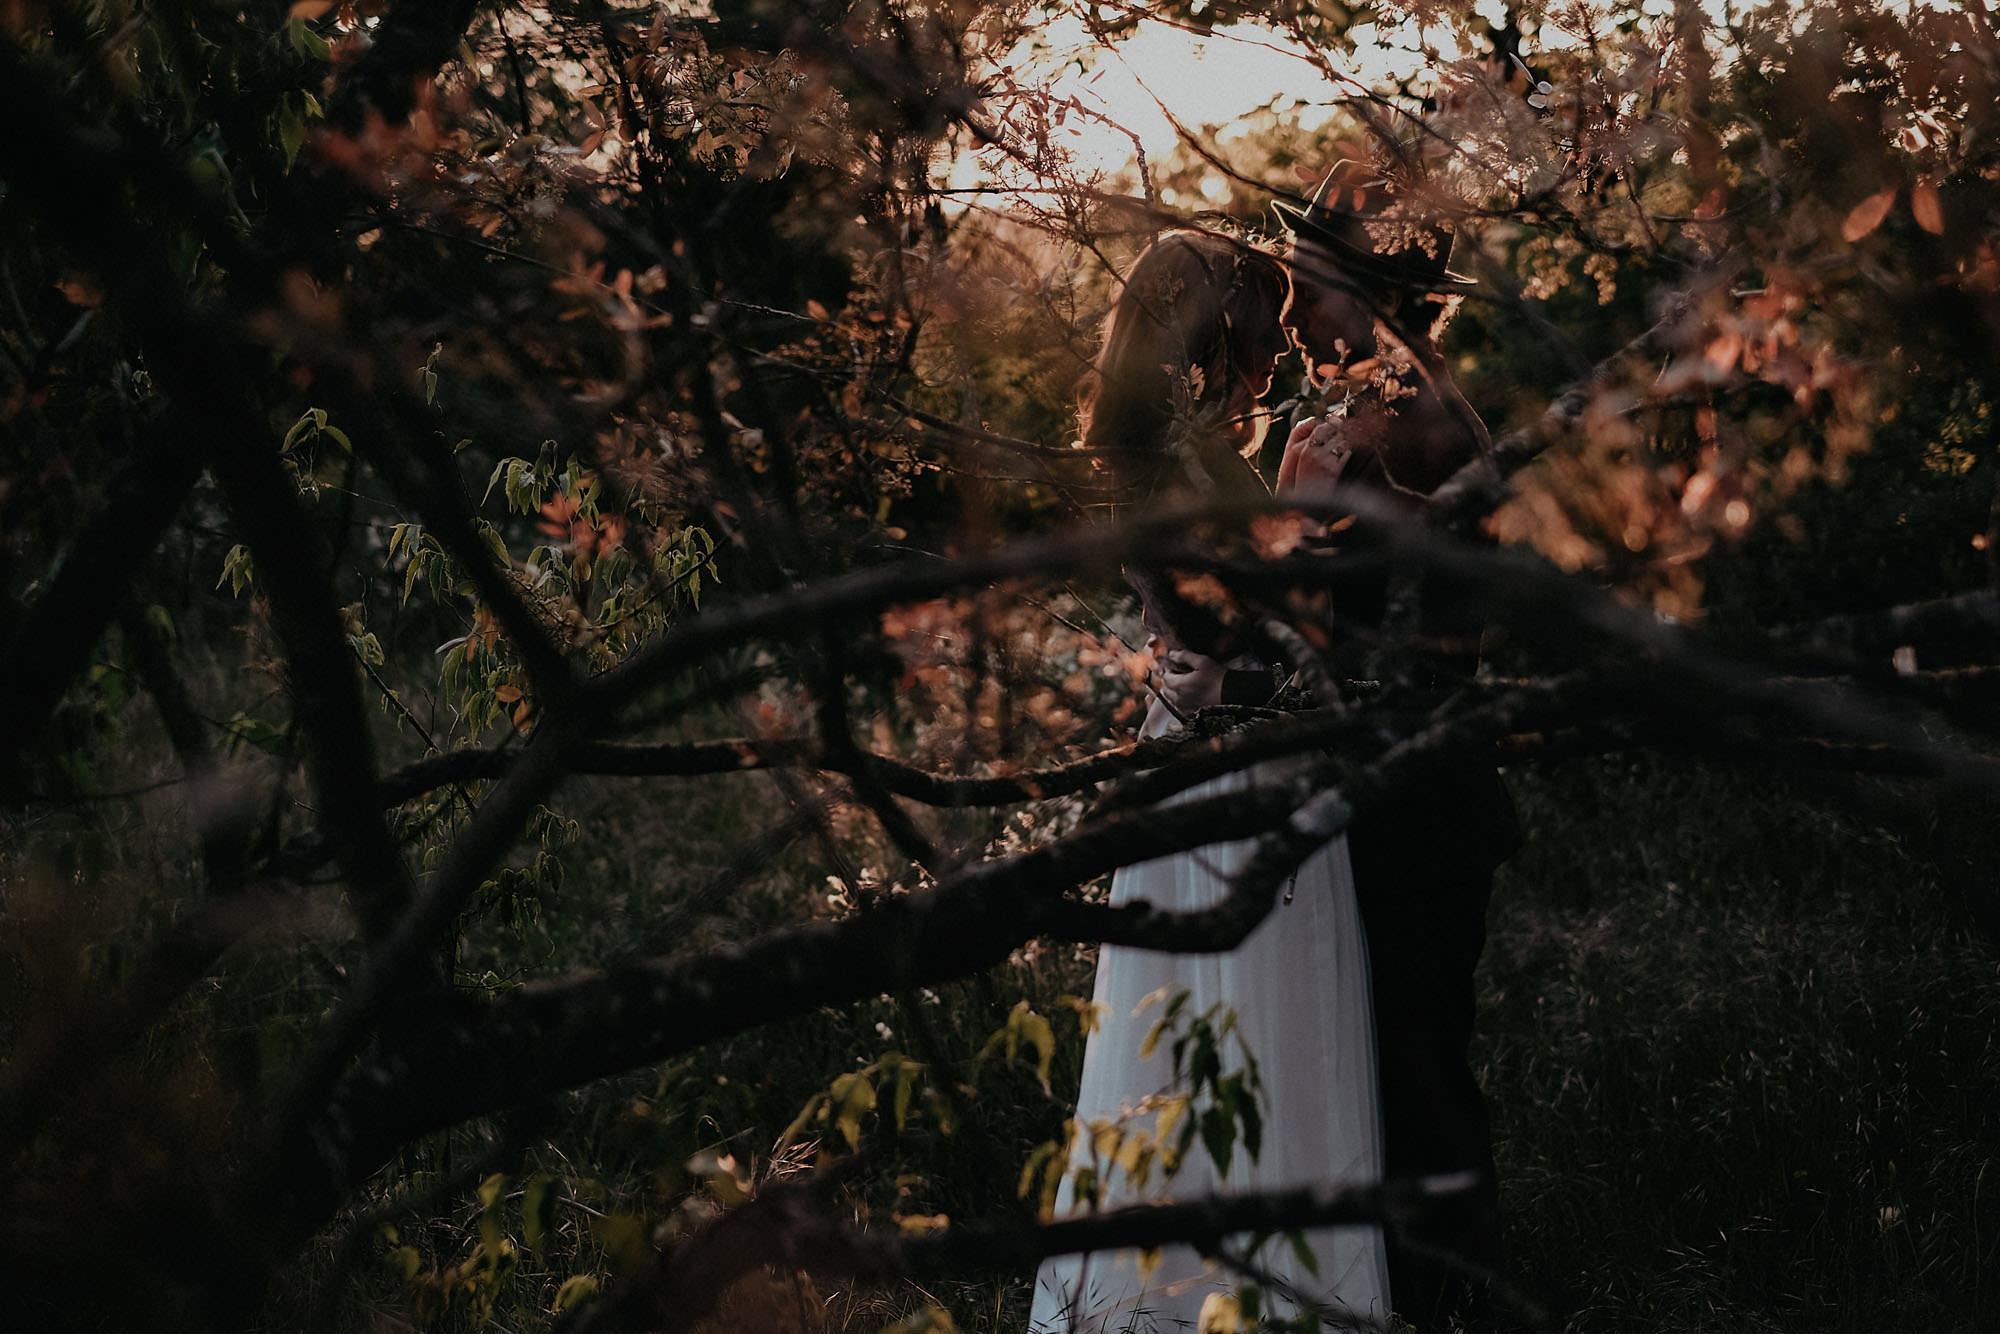 goult provence france elopement vow renewal couple portrait tree photo